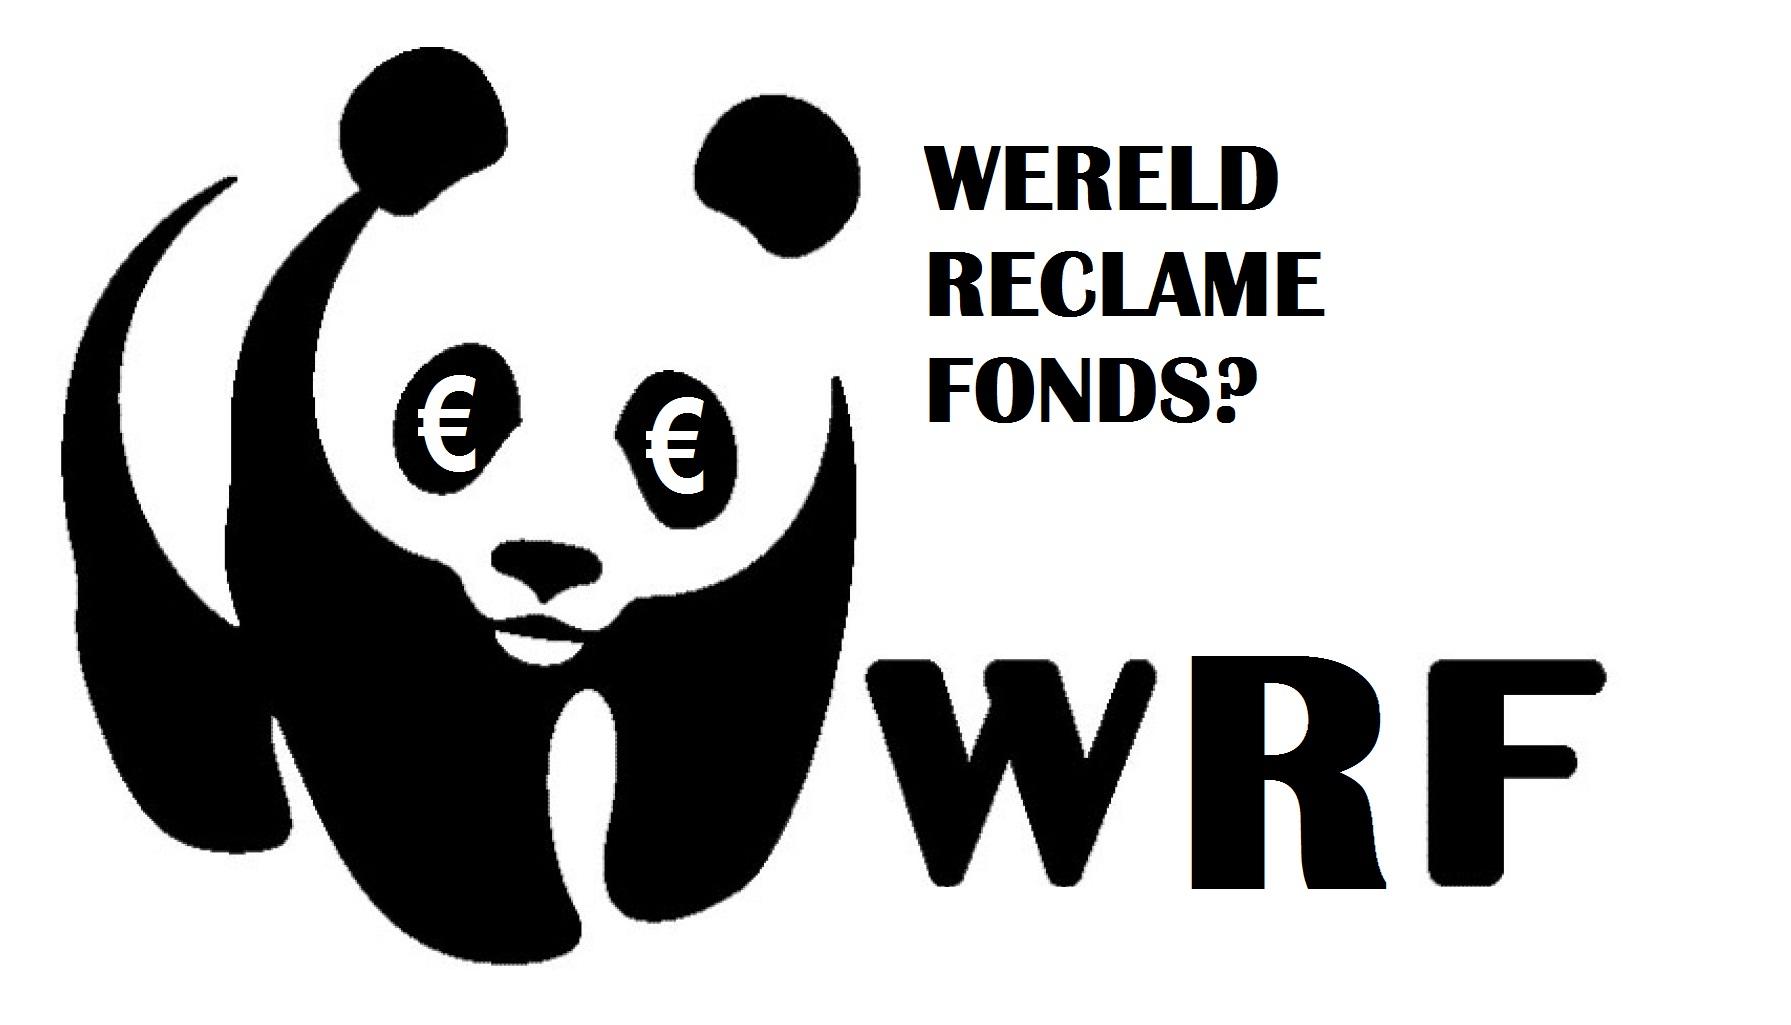 Wereld-reclame-fonds